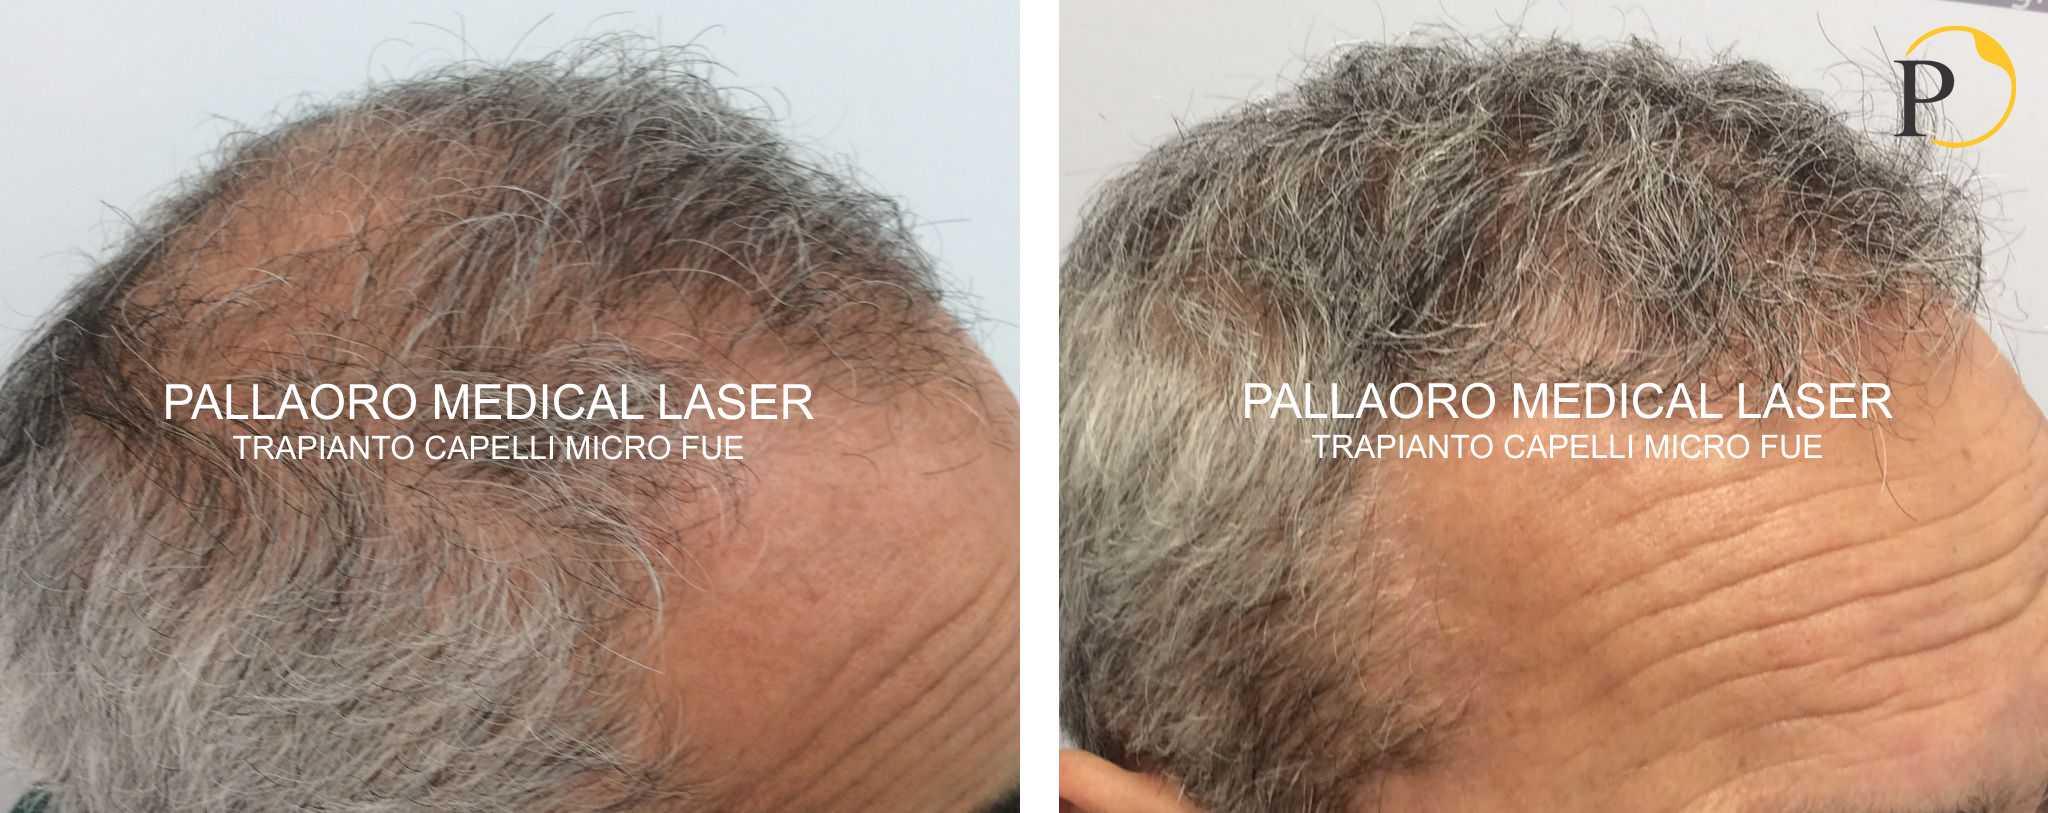 trapianto capelli 19-1003